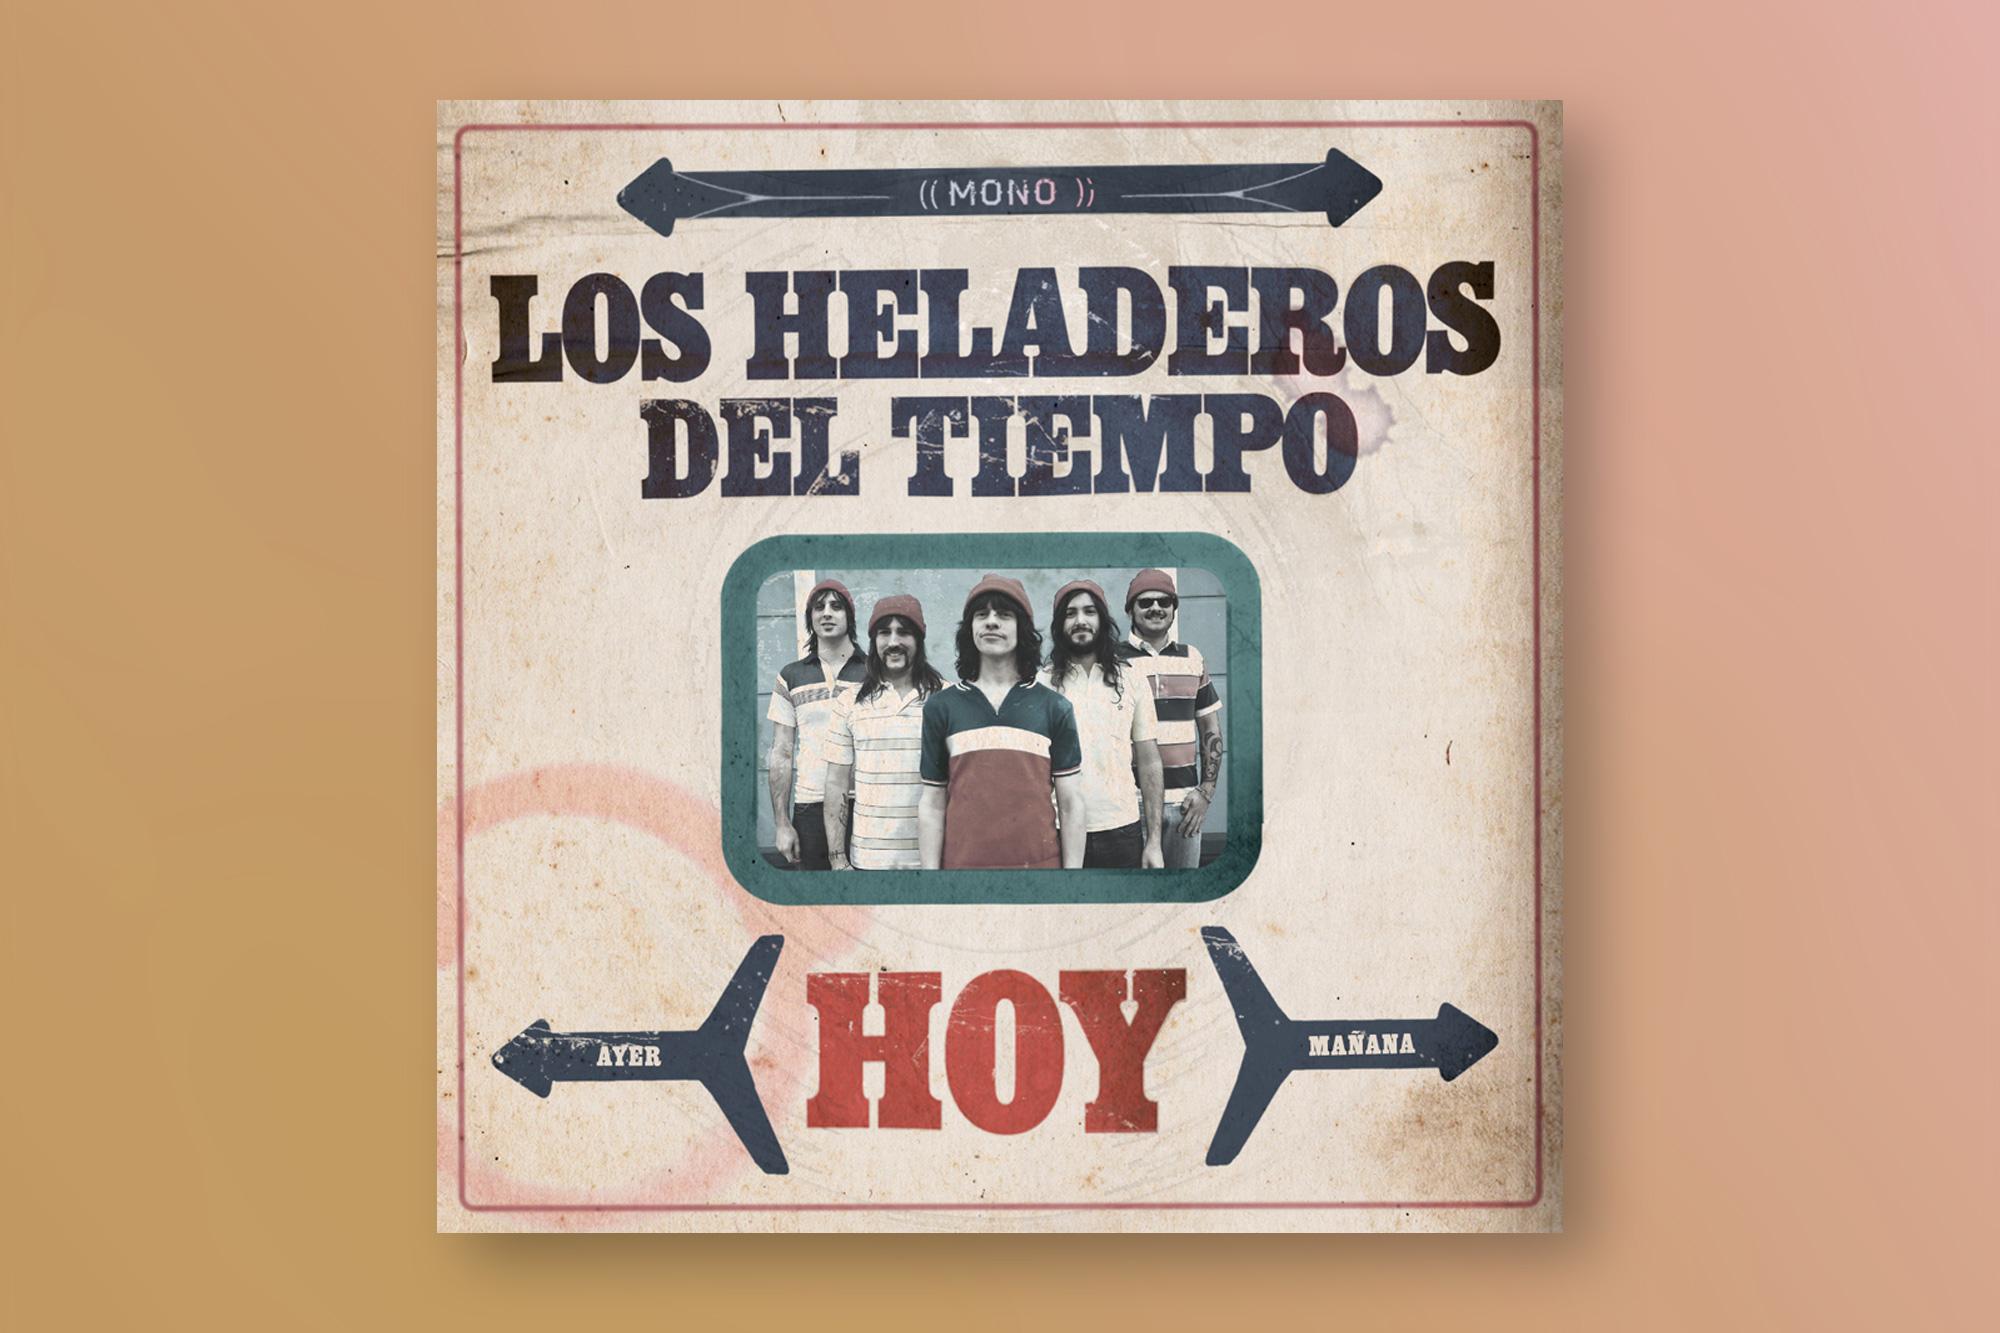 LOS-HELADEROS-DE-TIEMPO-HOY-EP-FRENTE